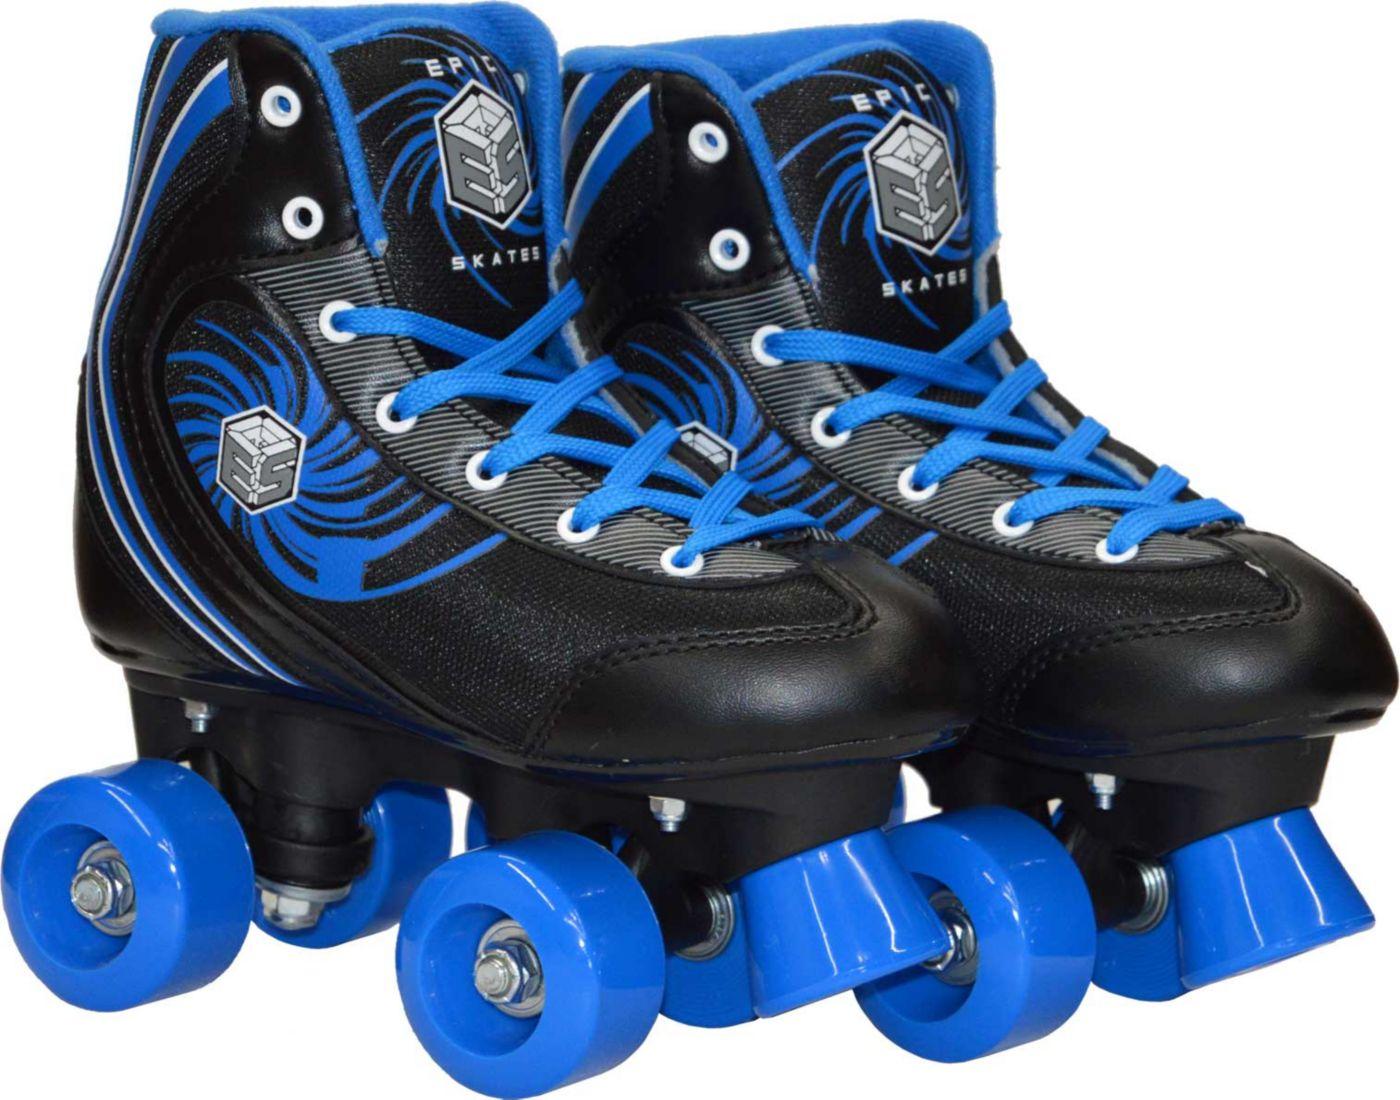 Epic Boys' Rock Candy Quad Roller Skates